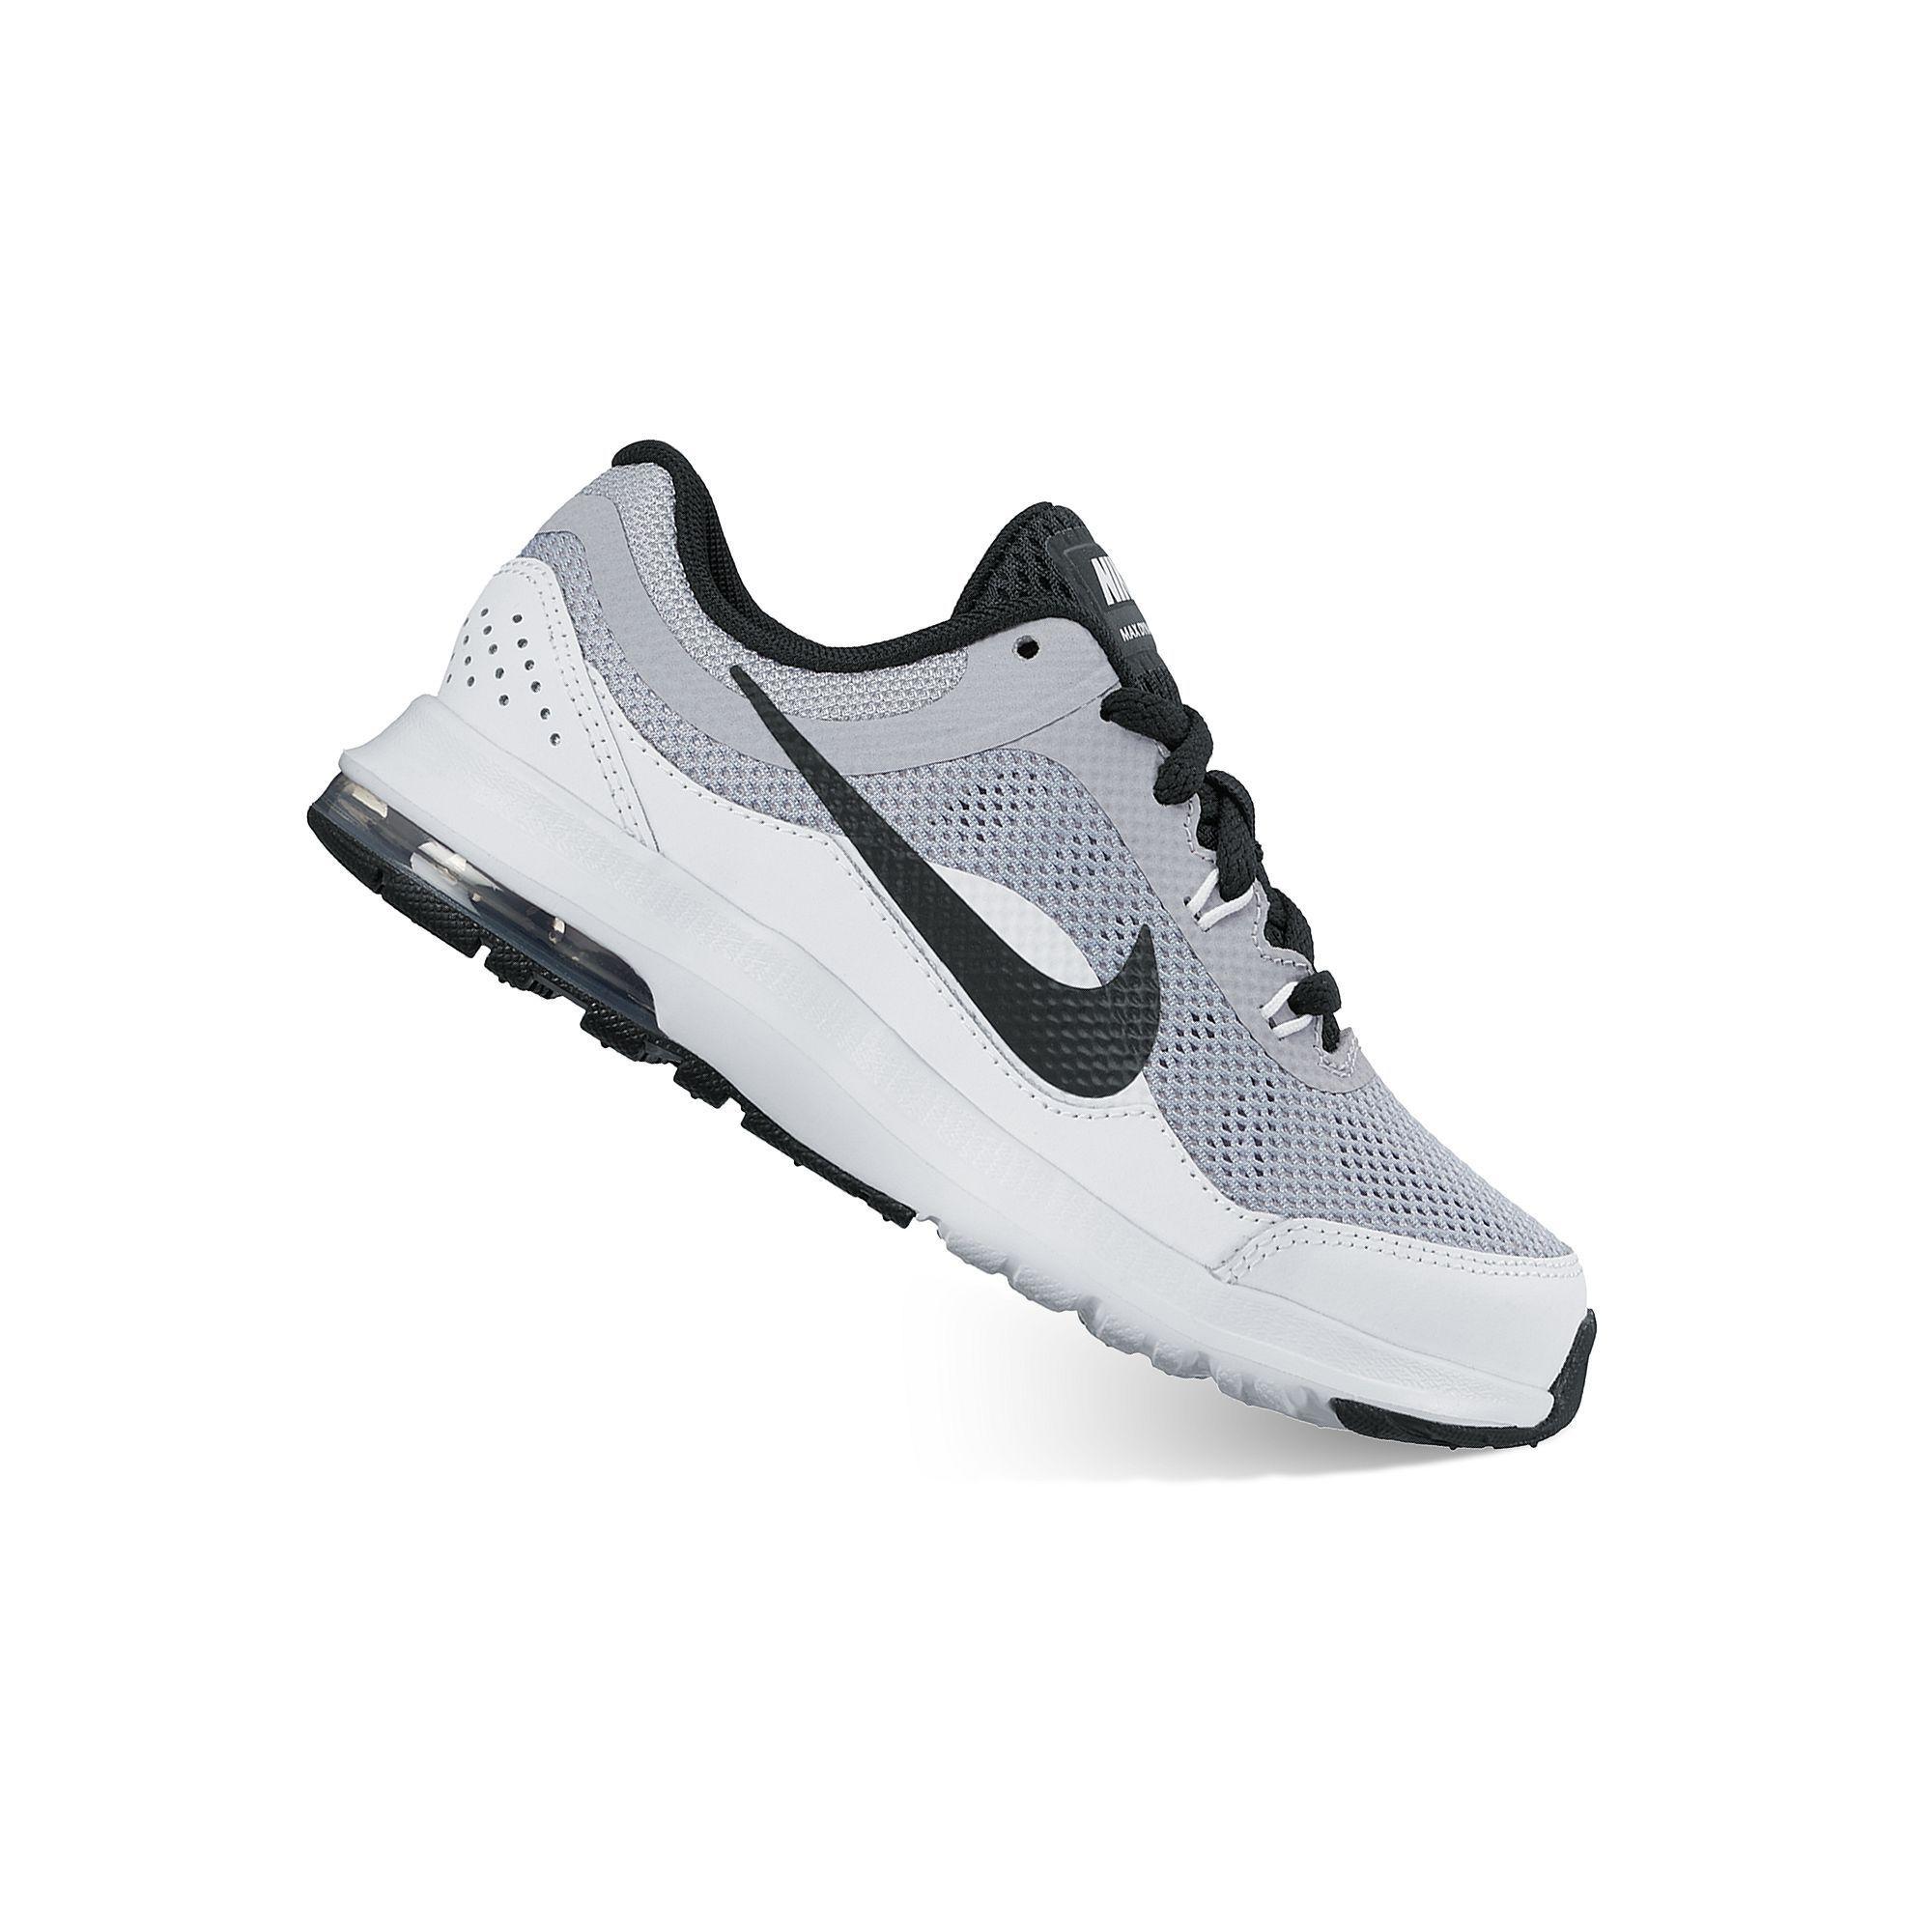 8ff19c1a2f ... Nike Air Max Dynasty 2 Preschool Boys Running Shoes, Boys, ...